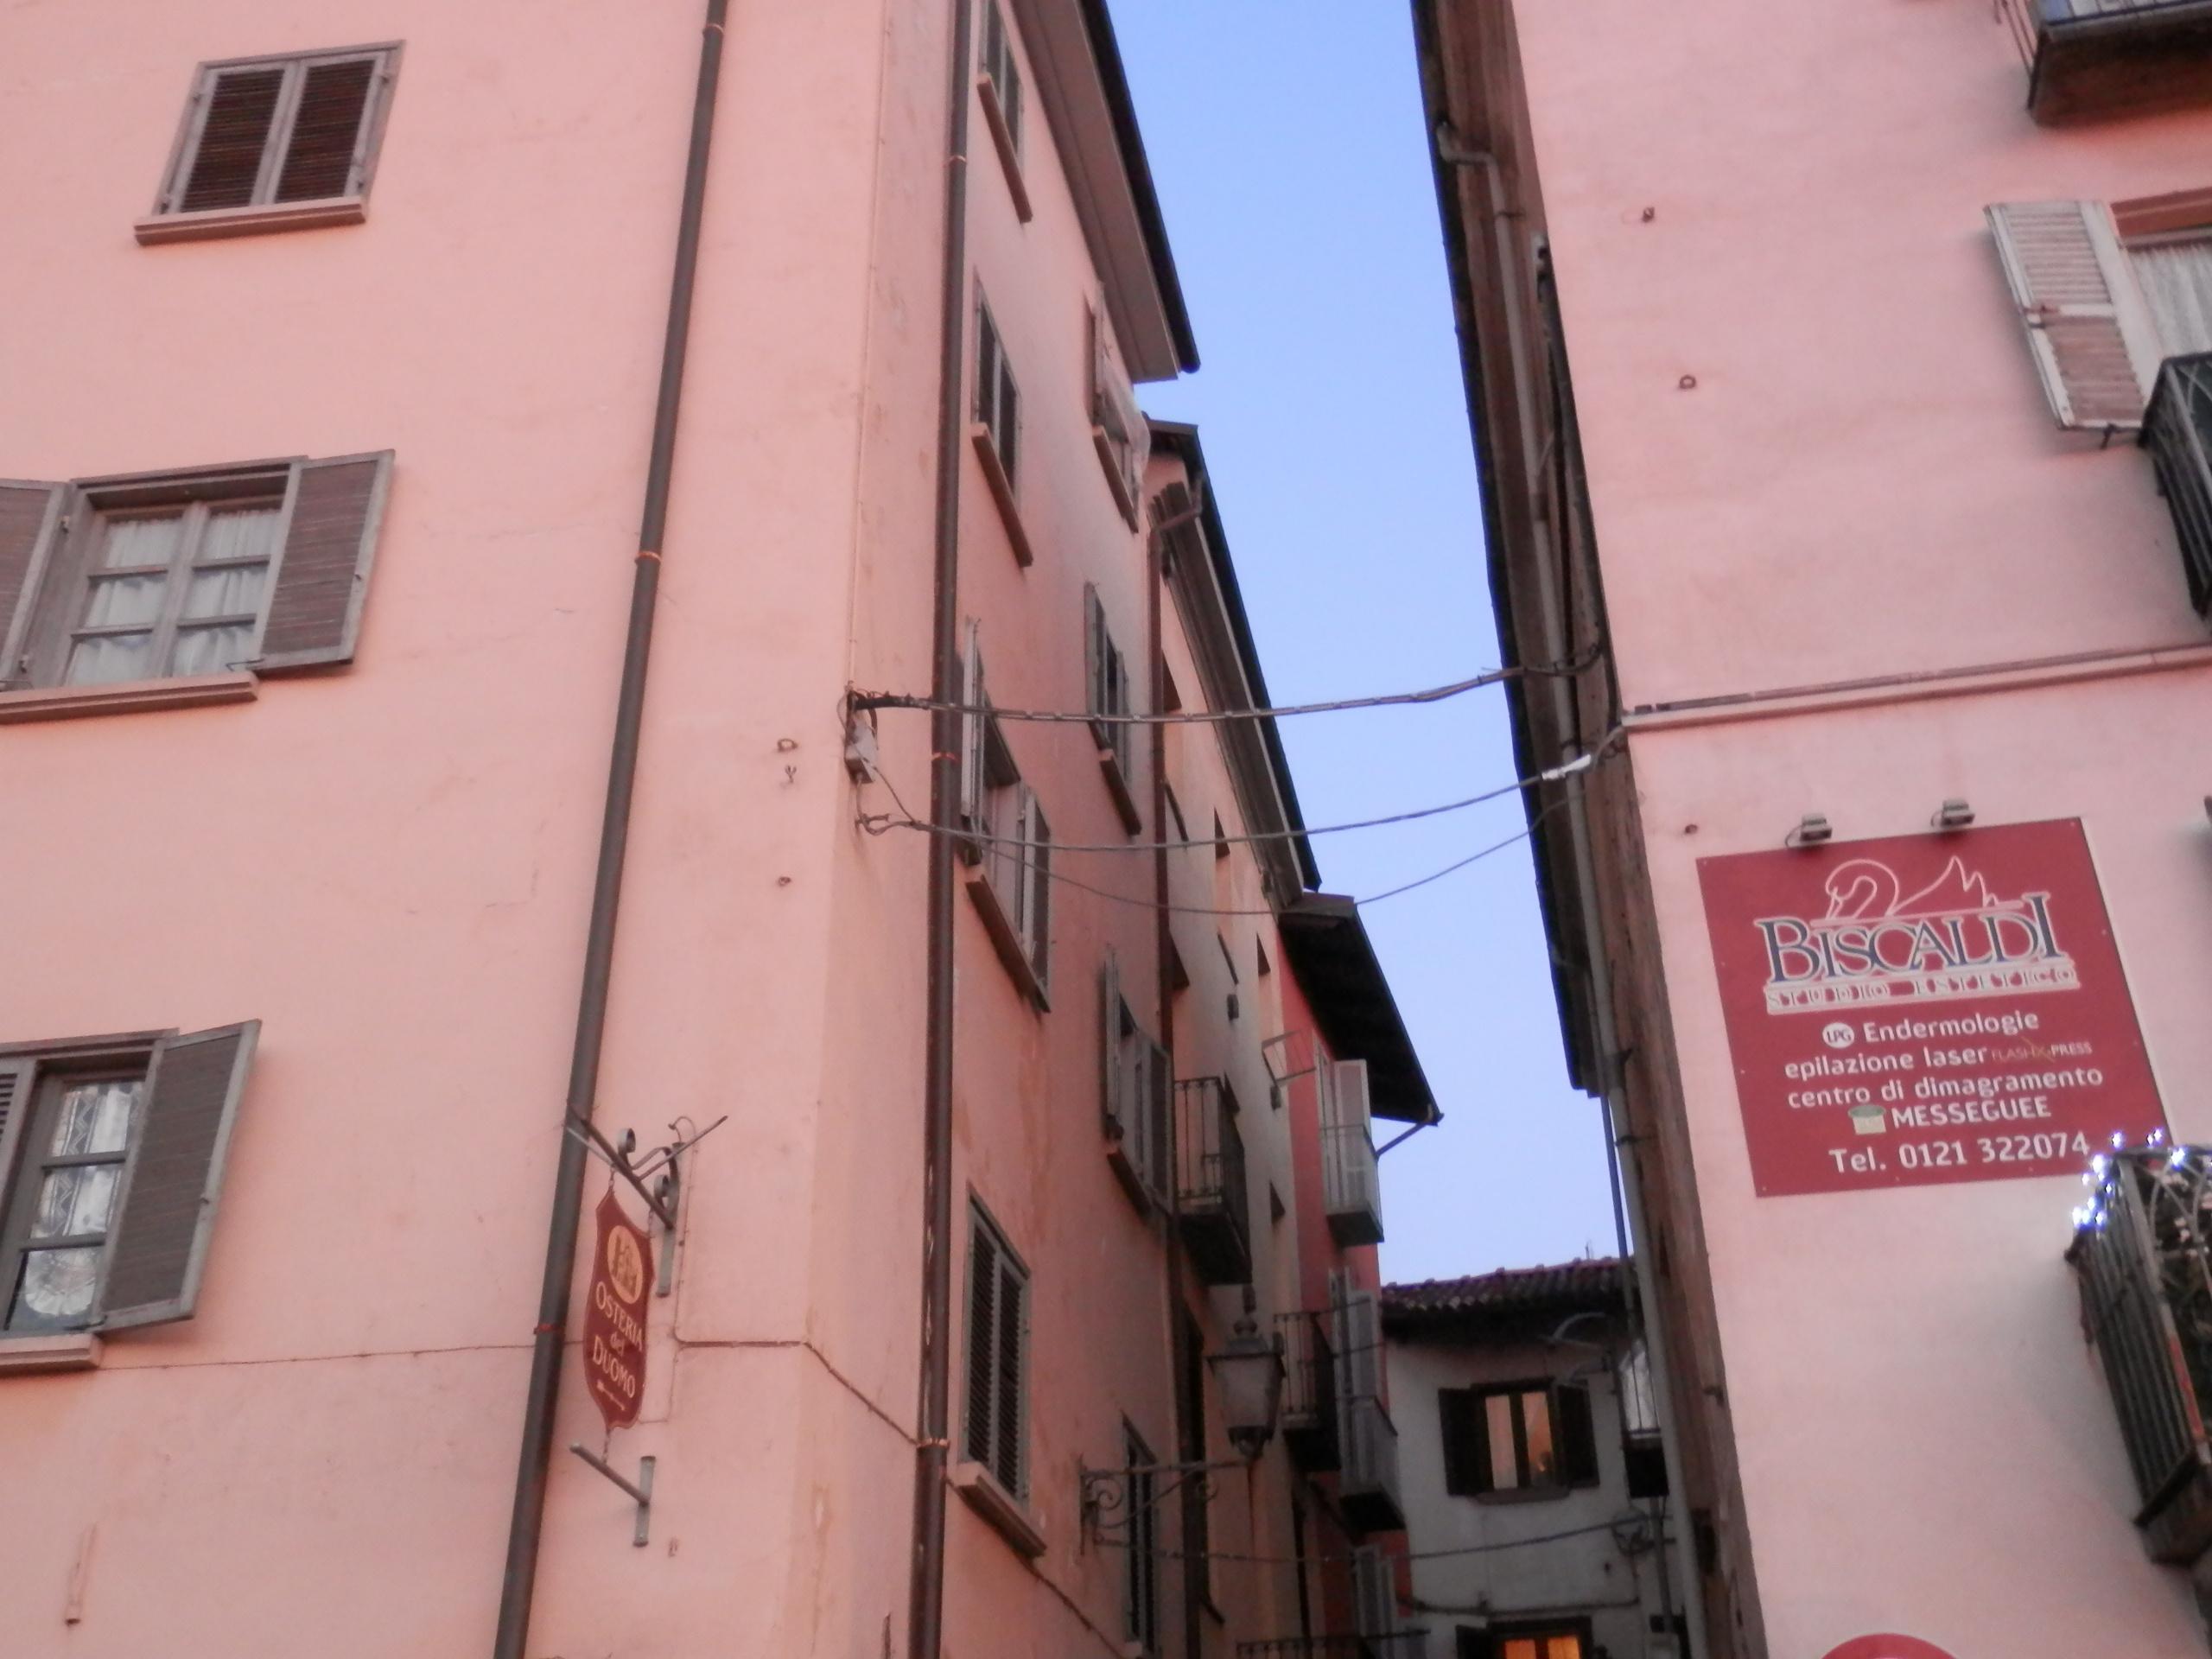 Tragedia a Pinerolo. Una donna di 77 anni si suicida lanciandosi dalla finestra